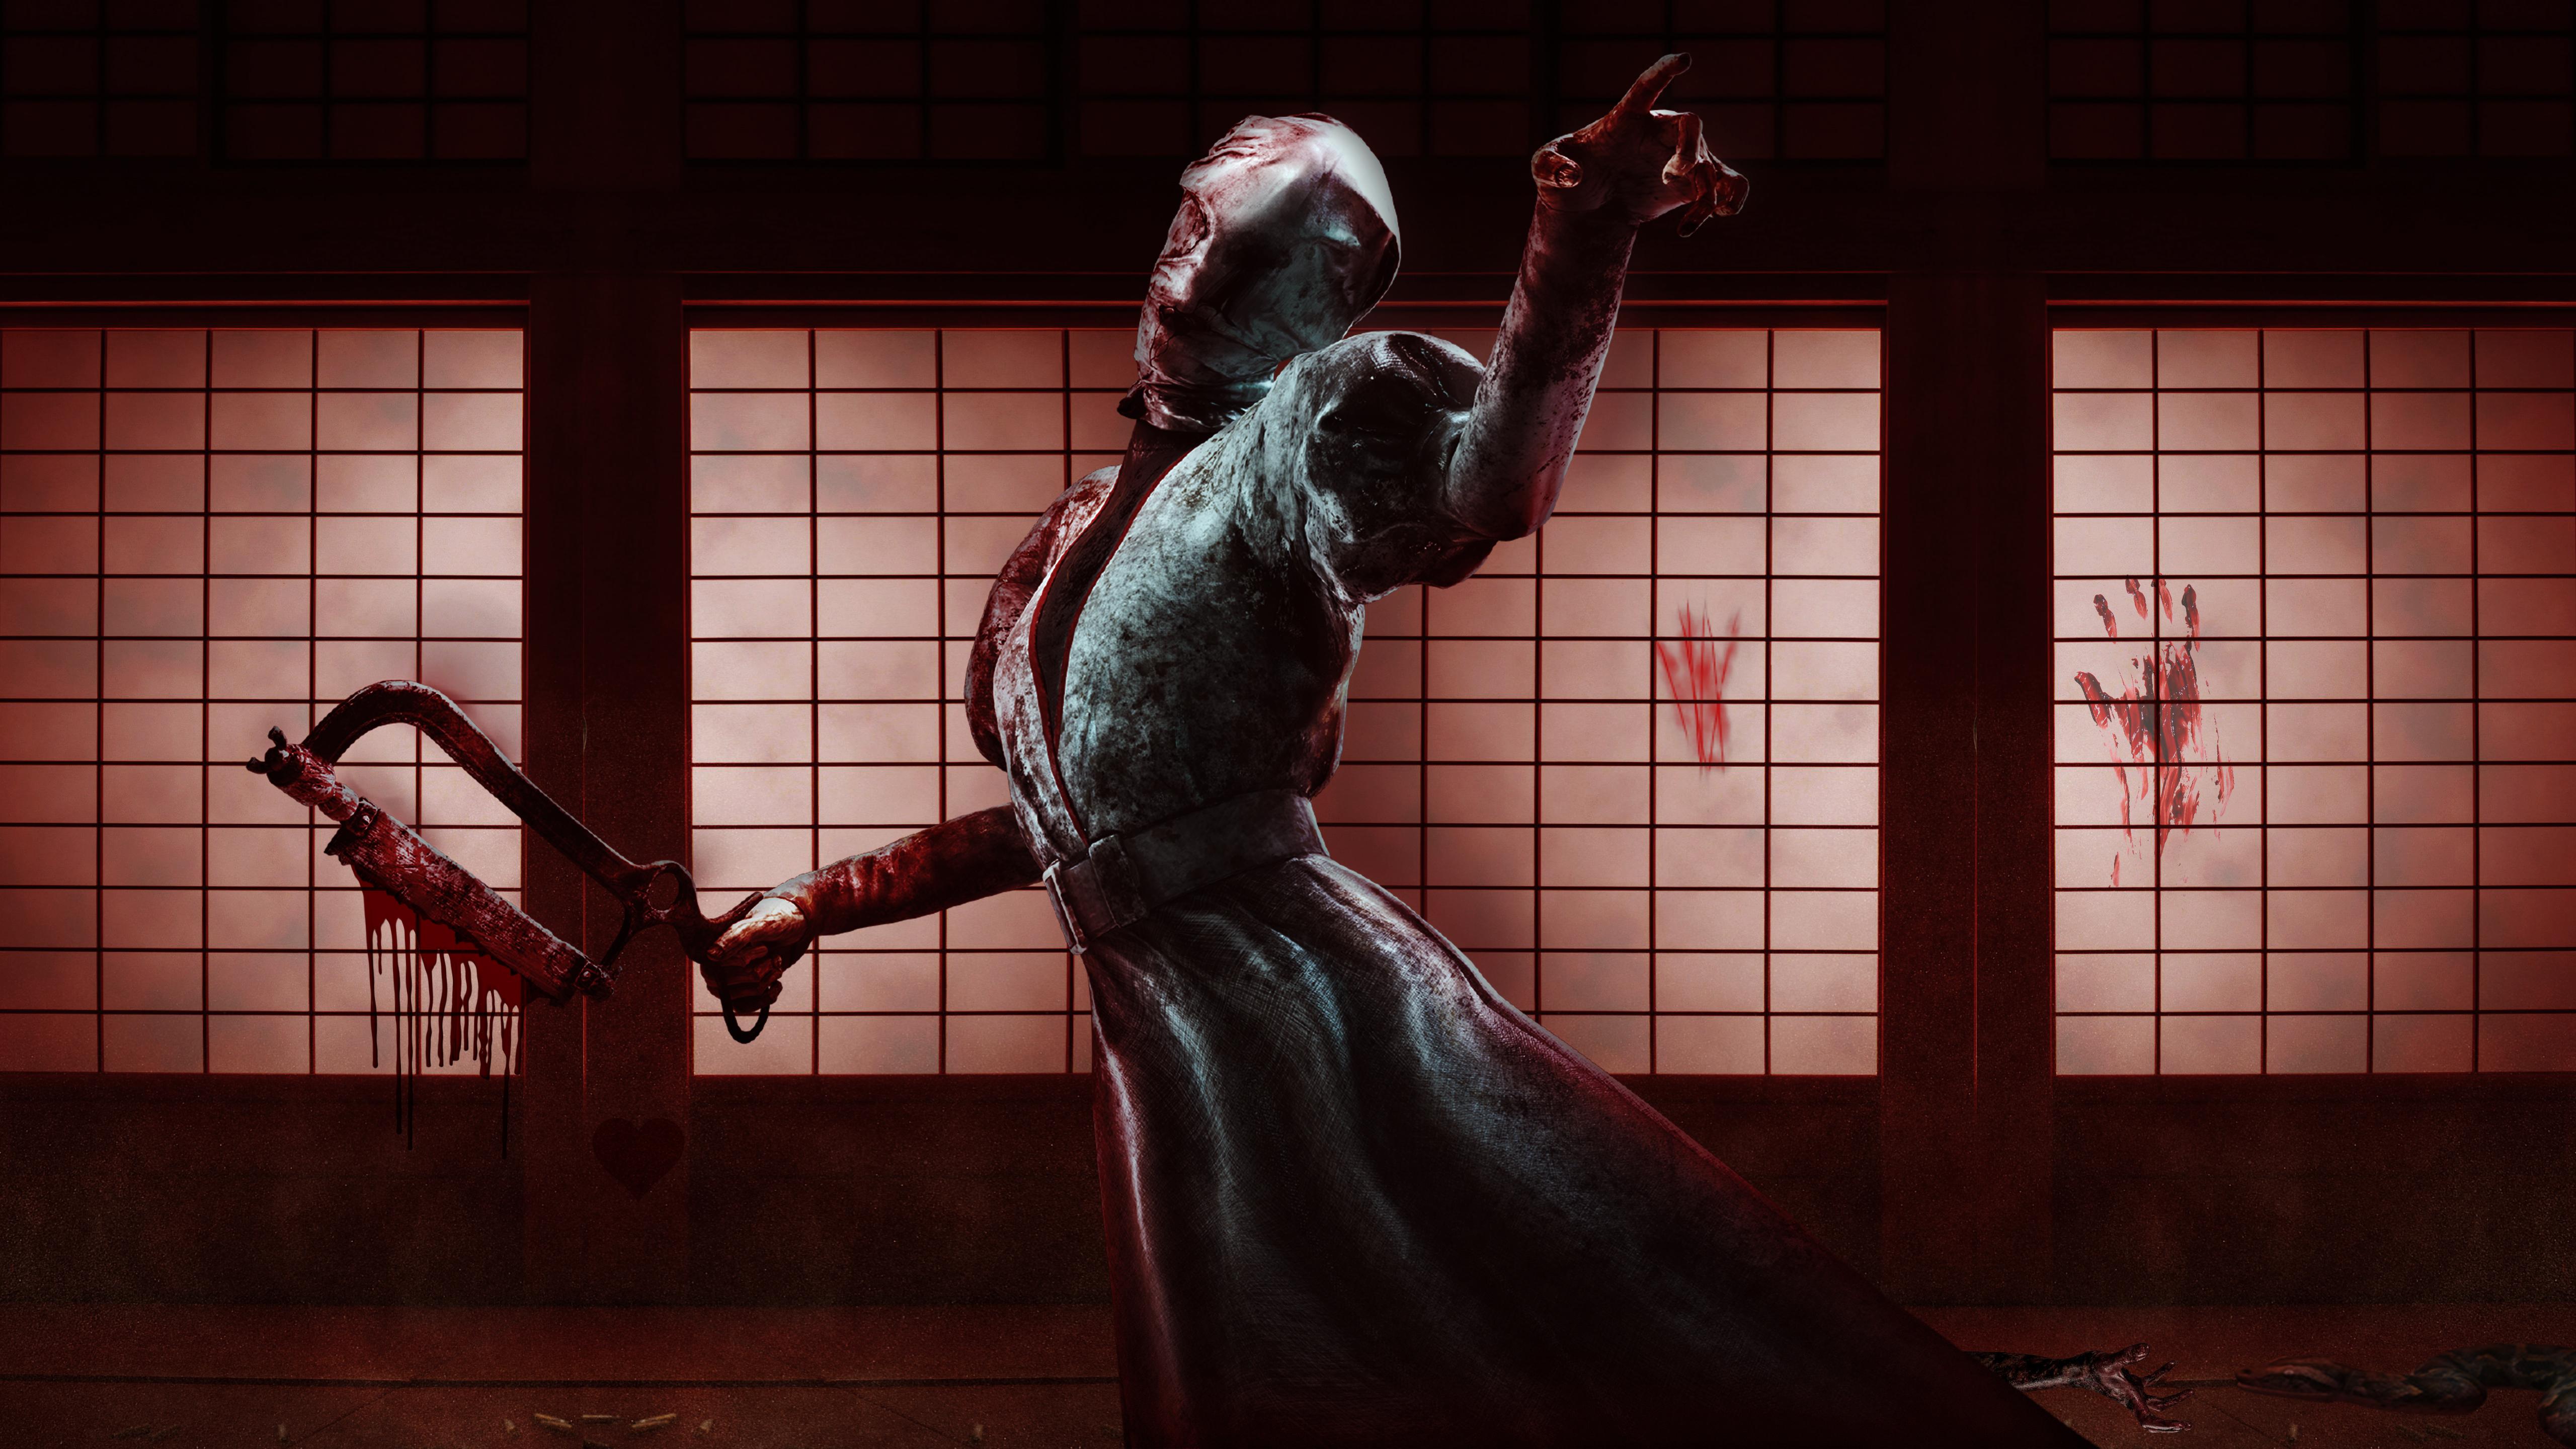 Wallpaper Blood The Nurse Dead By Daylight 5120x2880 Mt4s